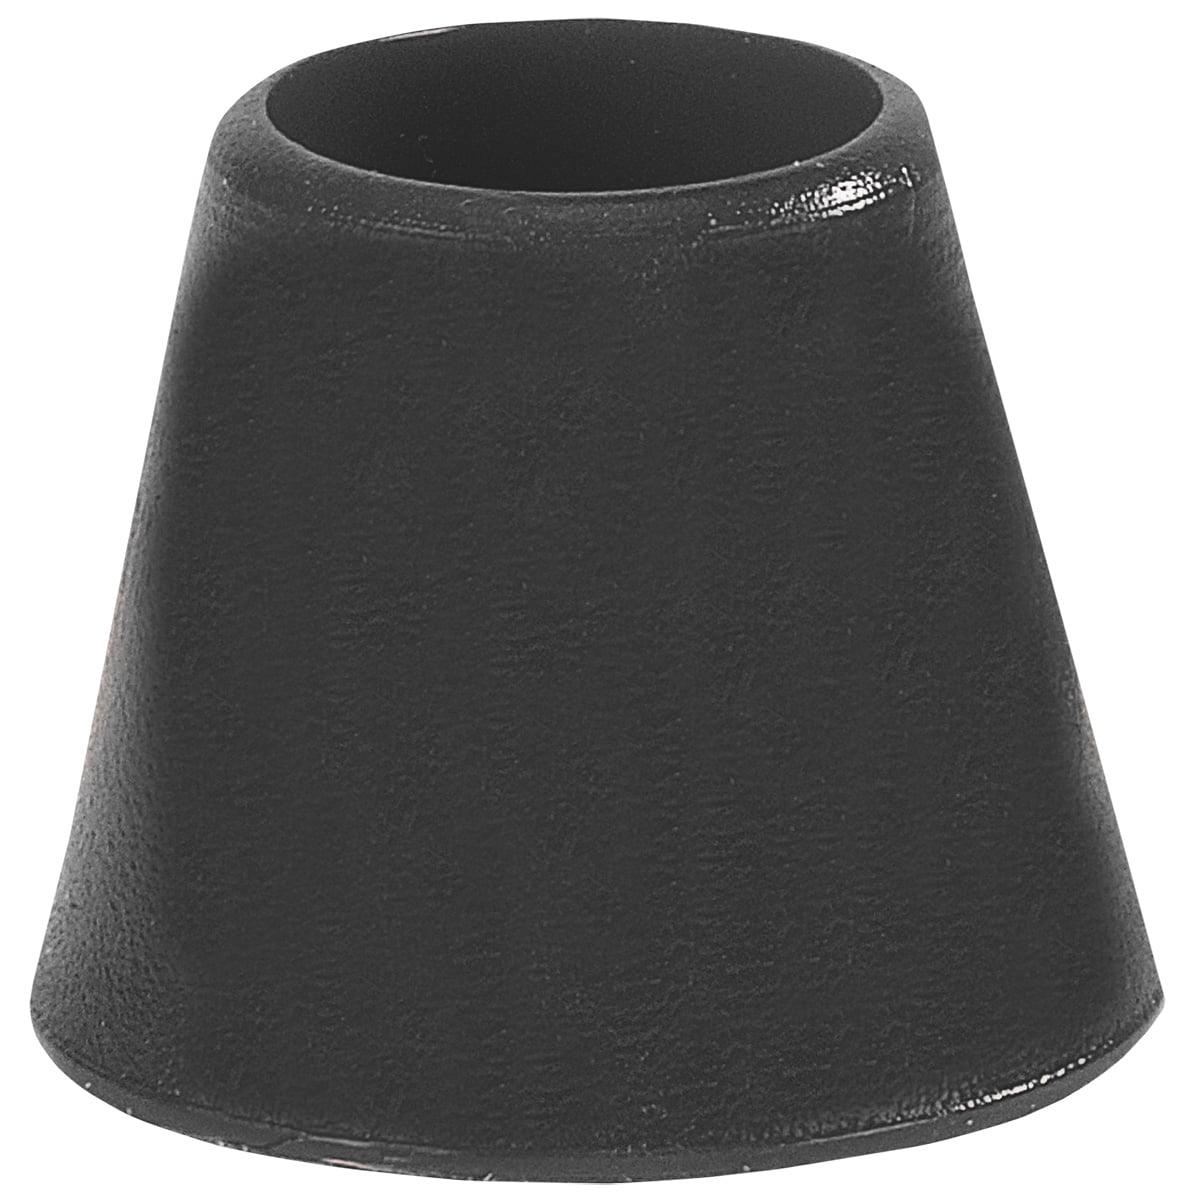 Knobcuff EZ Taper-Color:Black,Quantity:Single